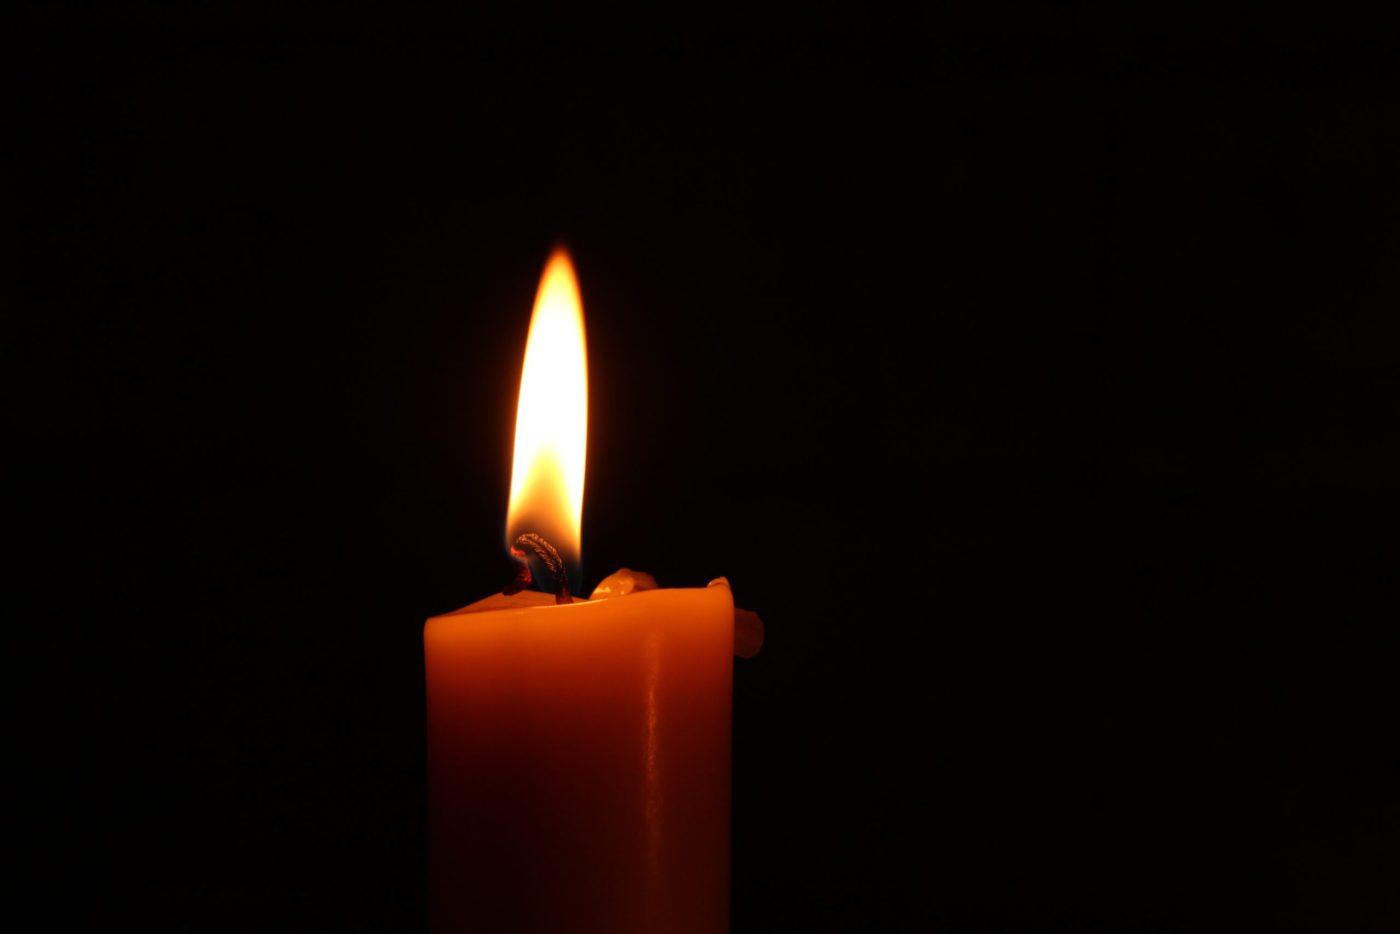 Siseminister ja rahvastikuminister avaldavad kaastunnet Tartus hukkunud perekonna omastele